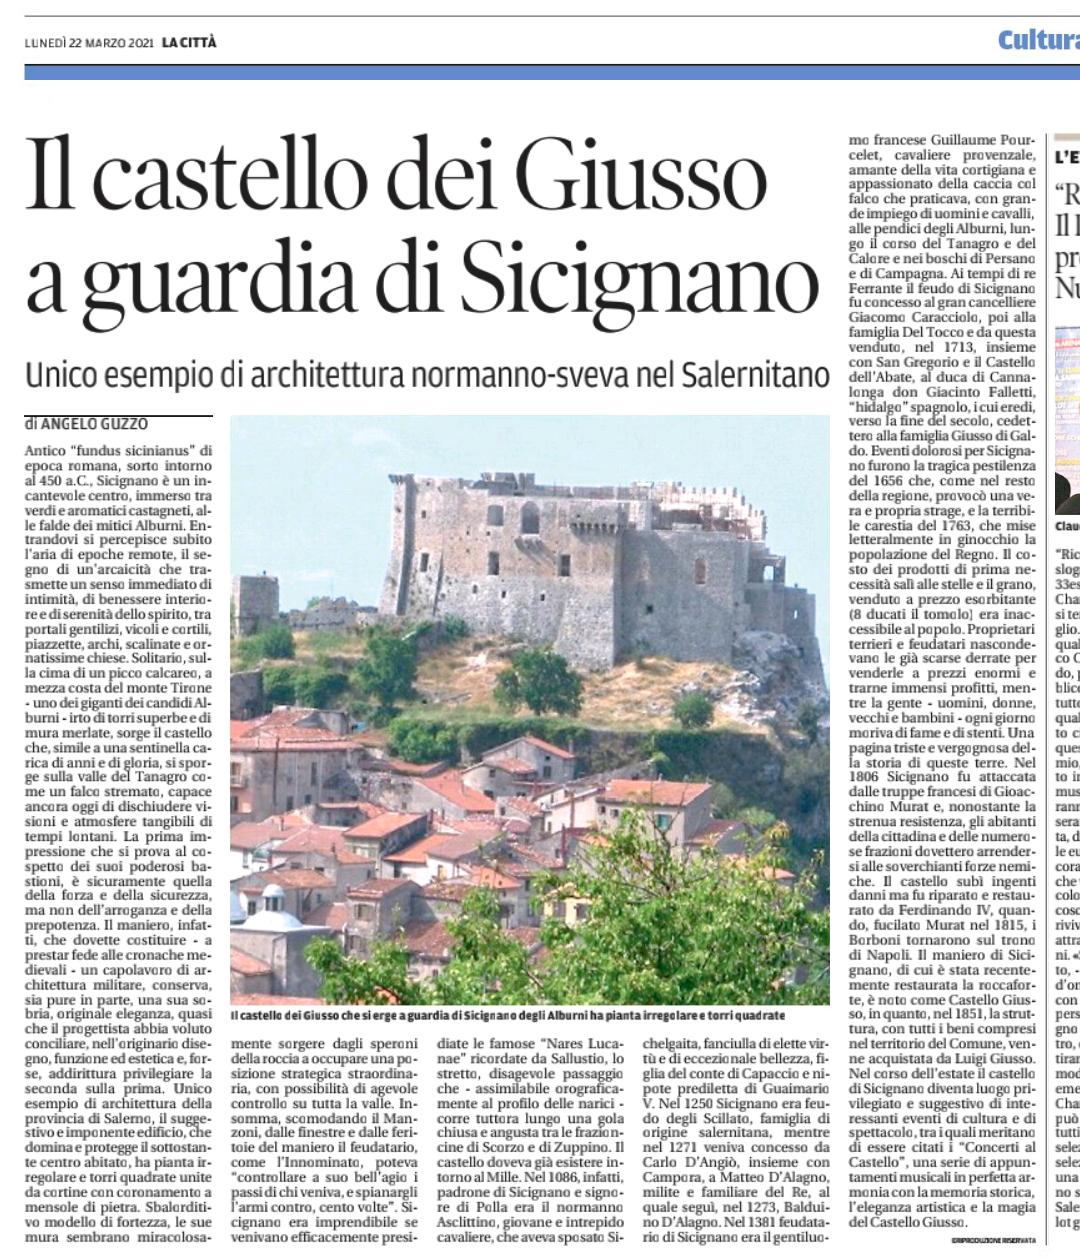 Castello del Giusto. Sicignano degli Alburni.